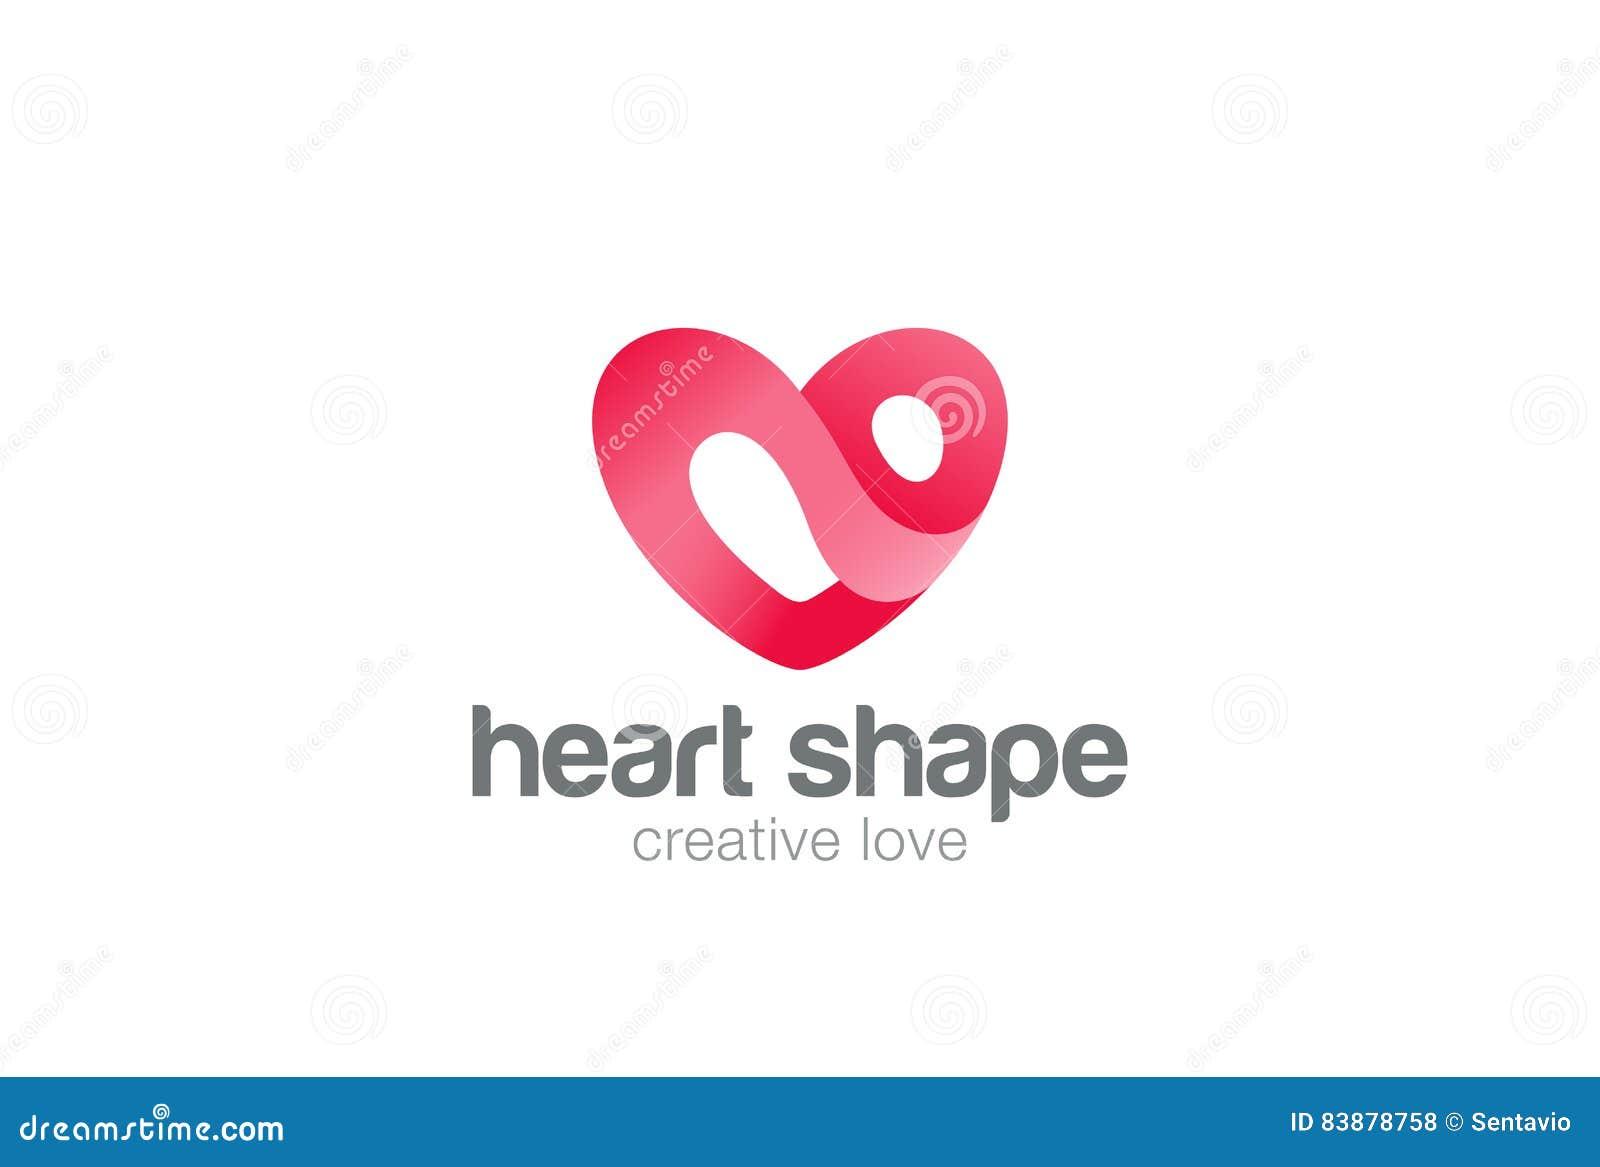 Herz Logodesign Vektorschablone St. Valentinstag Des Liebessymbols  Kardiologie Medizinische Gesundheitswesen Firmenzeichenkonzept